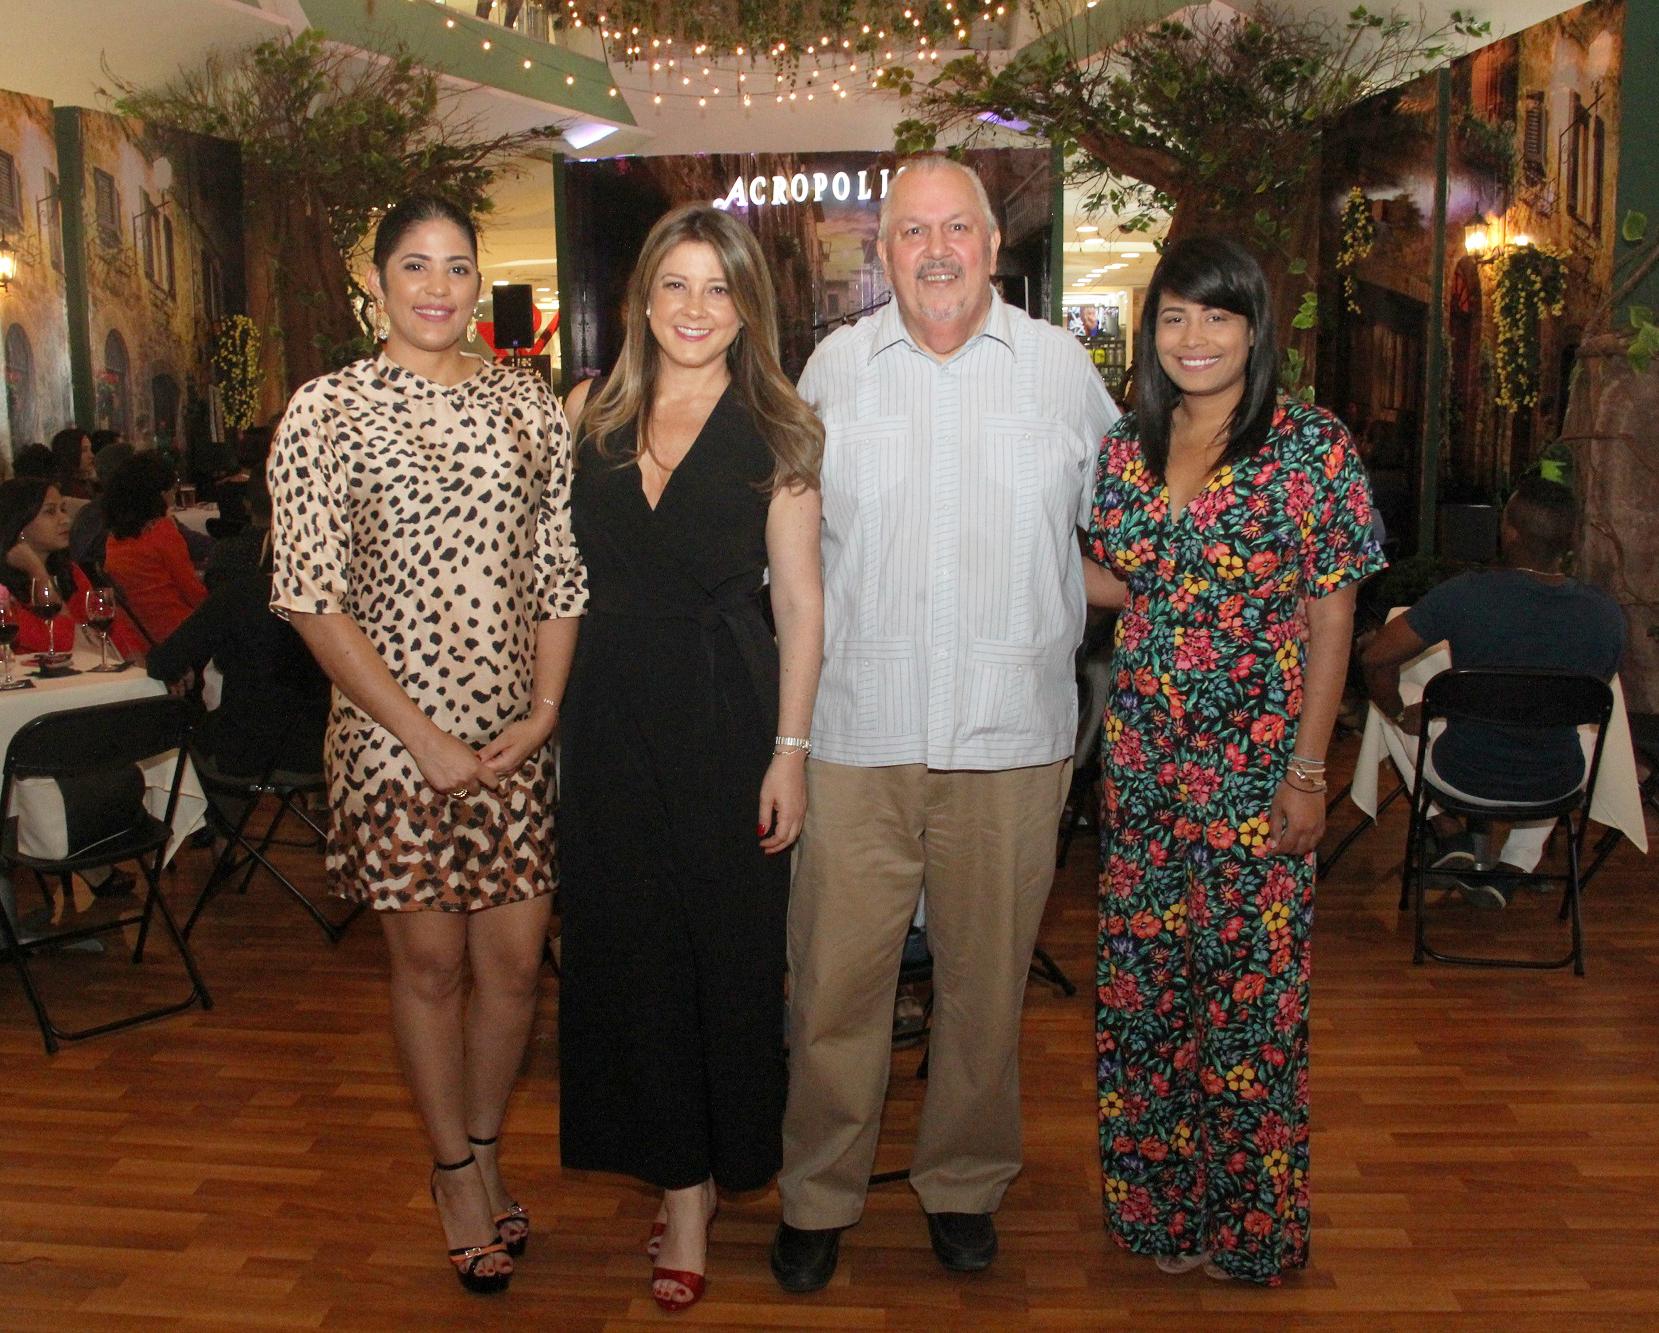 A. PRINCIPAL. MIOSOTIS ROSSI, PATRICIA RAMELA, FERNANDO RODRIGUEZ, CAROLINA FERNANDEZ